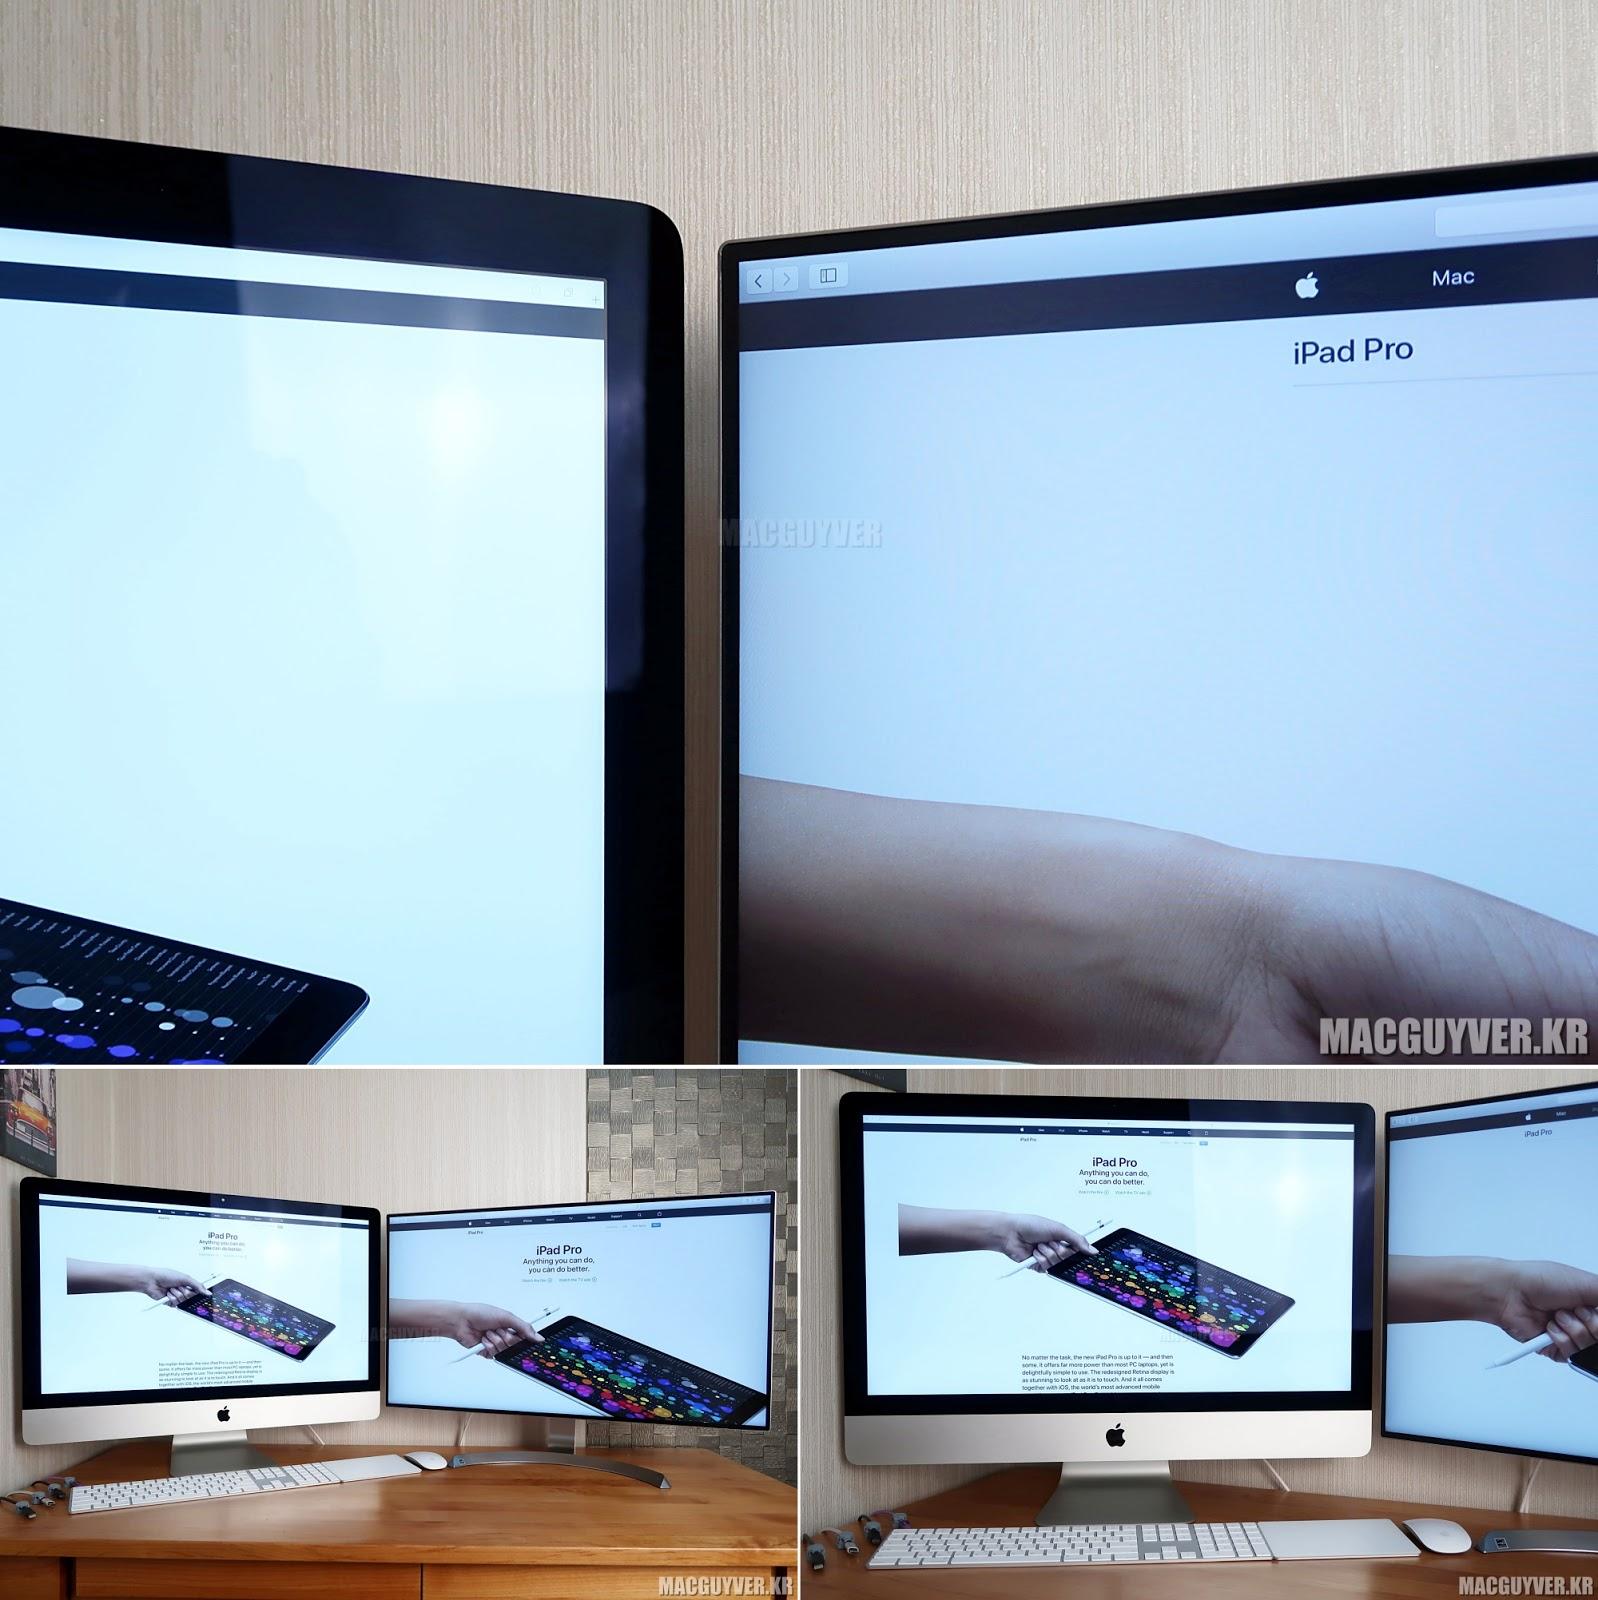 맥북과 윈도우를 하나의 모니터로? LG 32UD99 4K 모니터 써보니